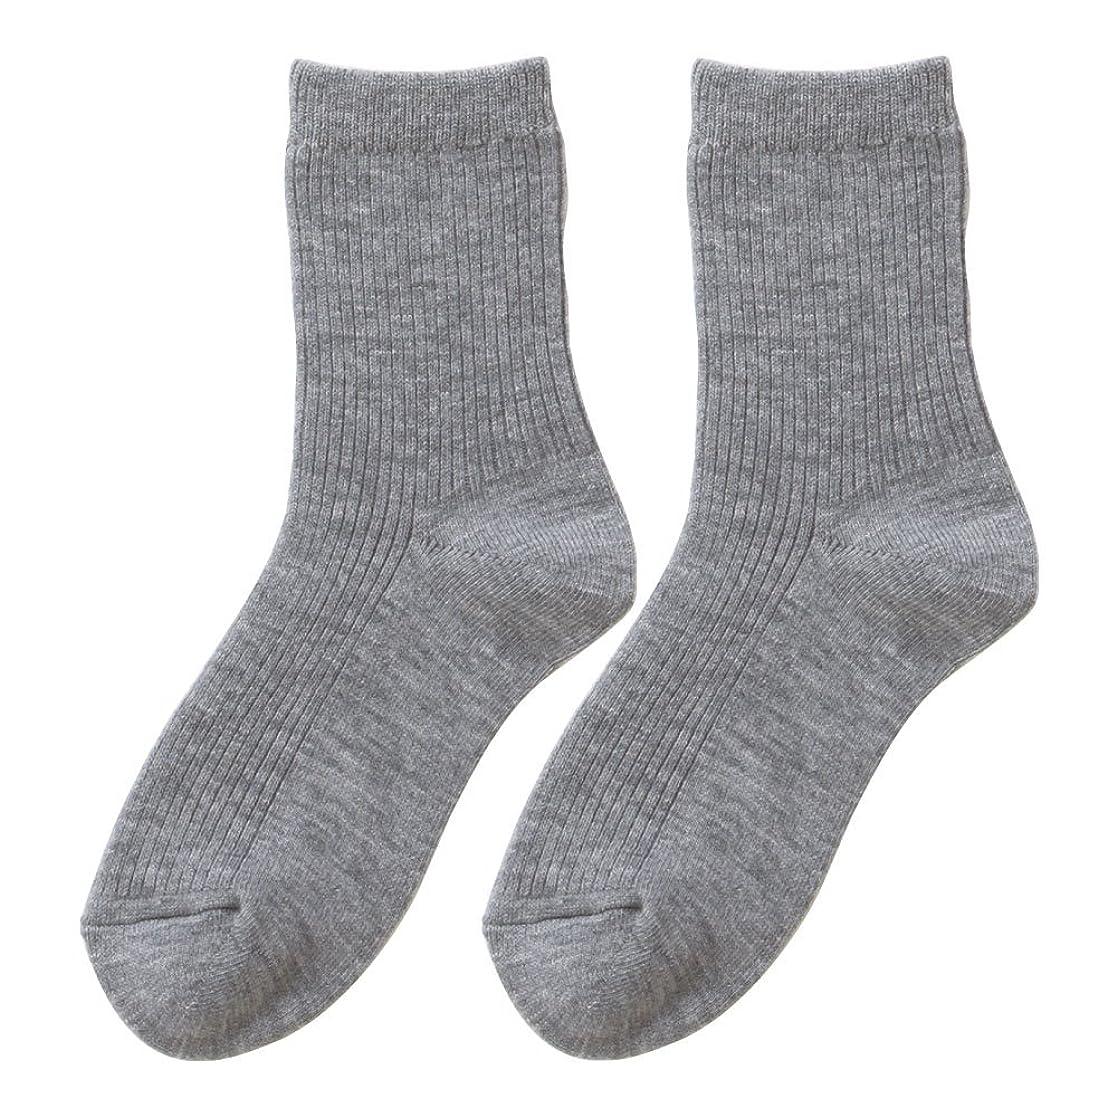 排泄するロールキャンセルひだまり ダブルソックス 婦人用 靴下[22~24cm] グレー